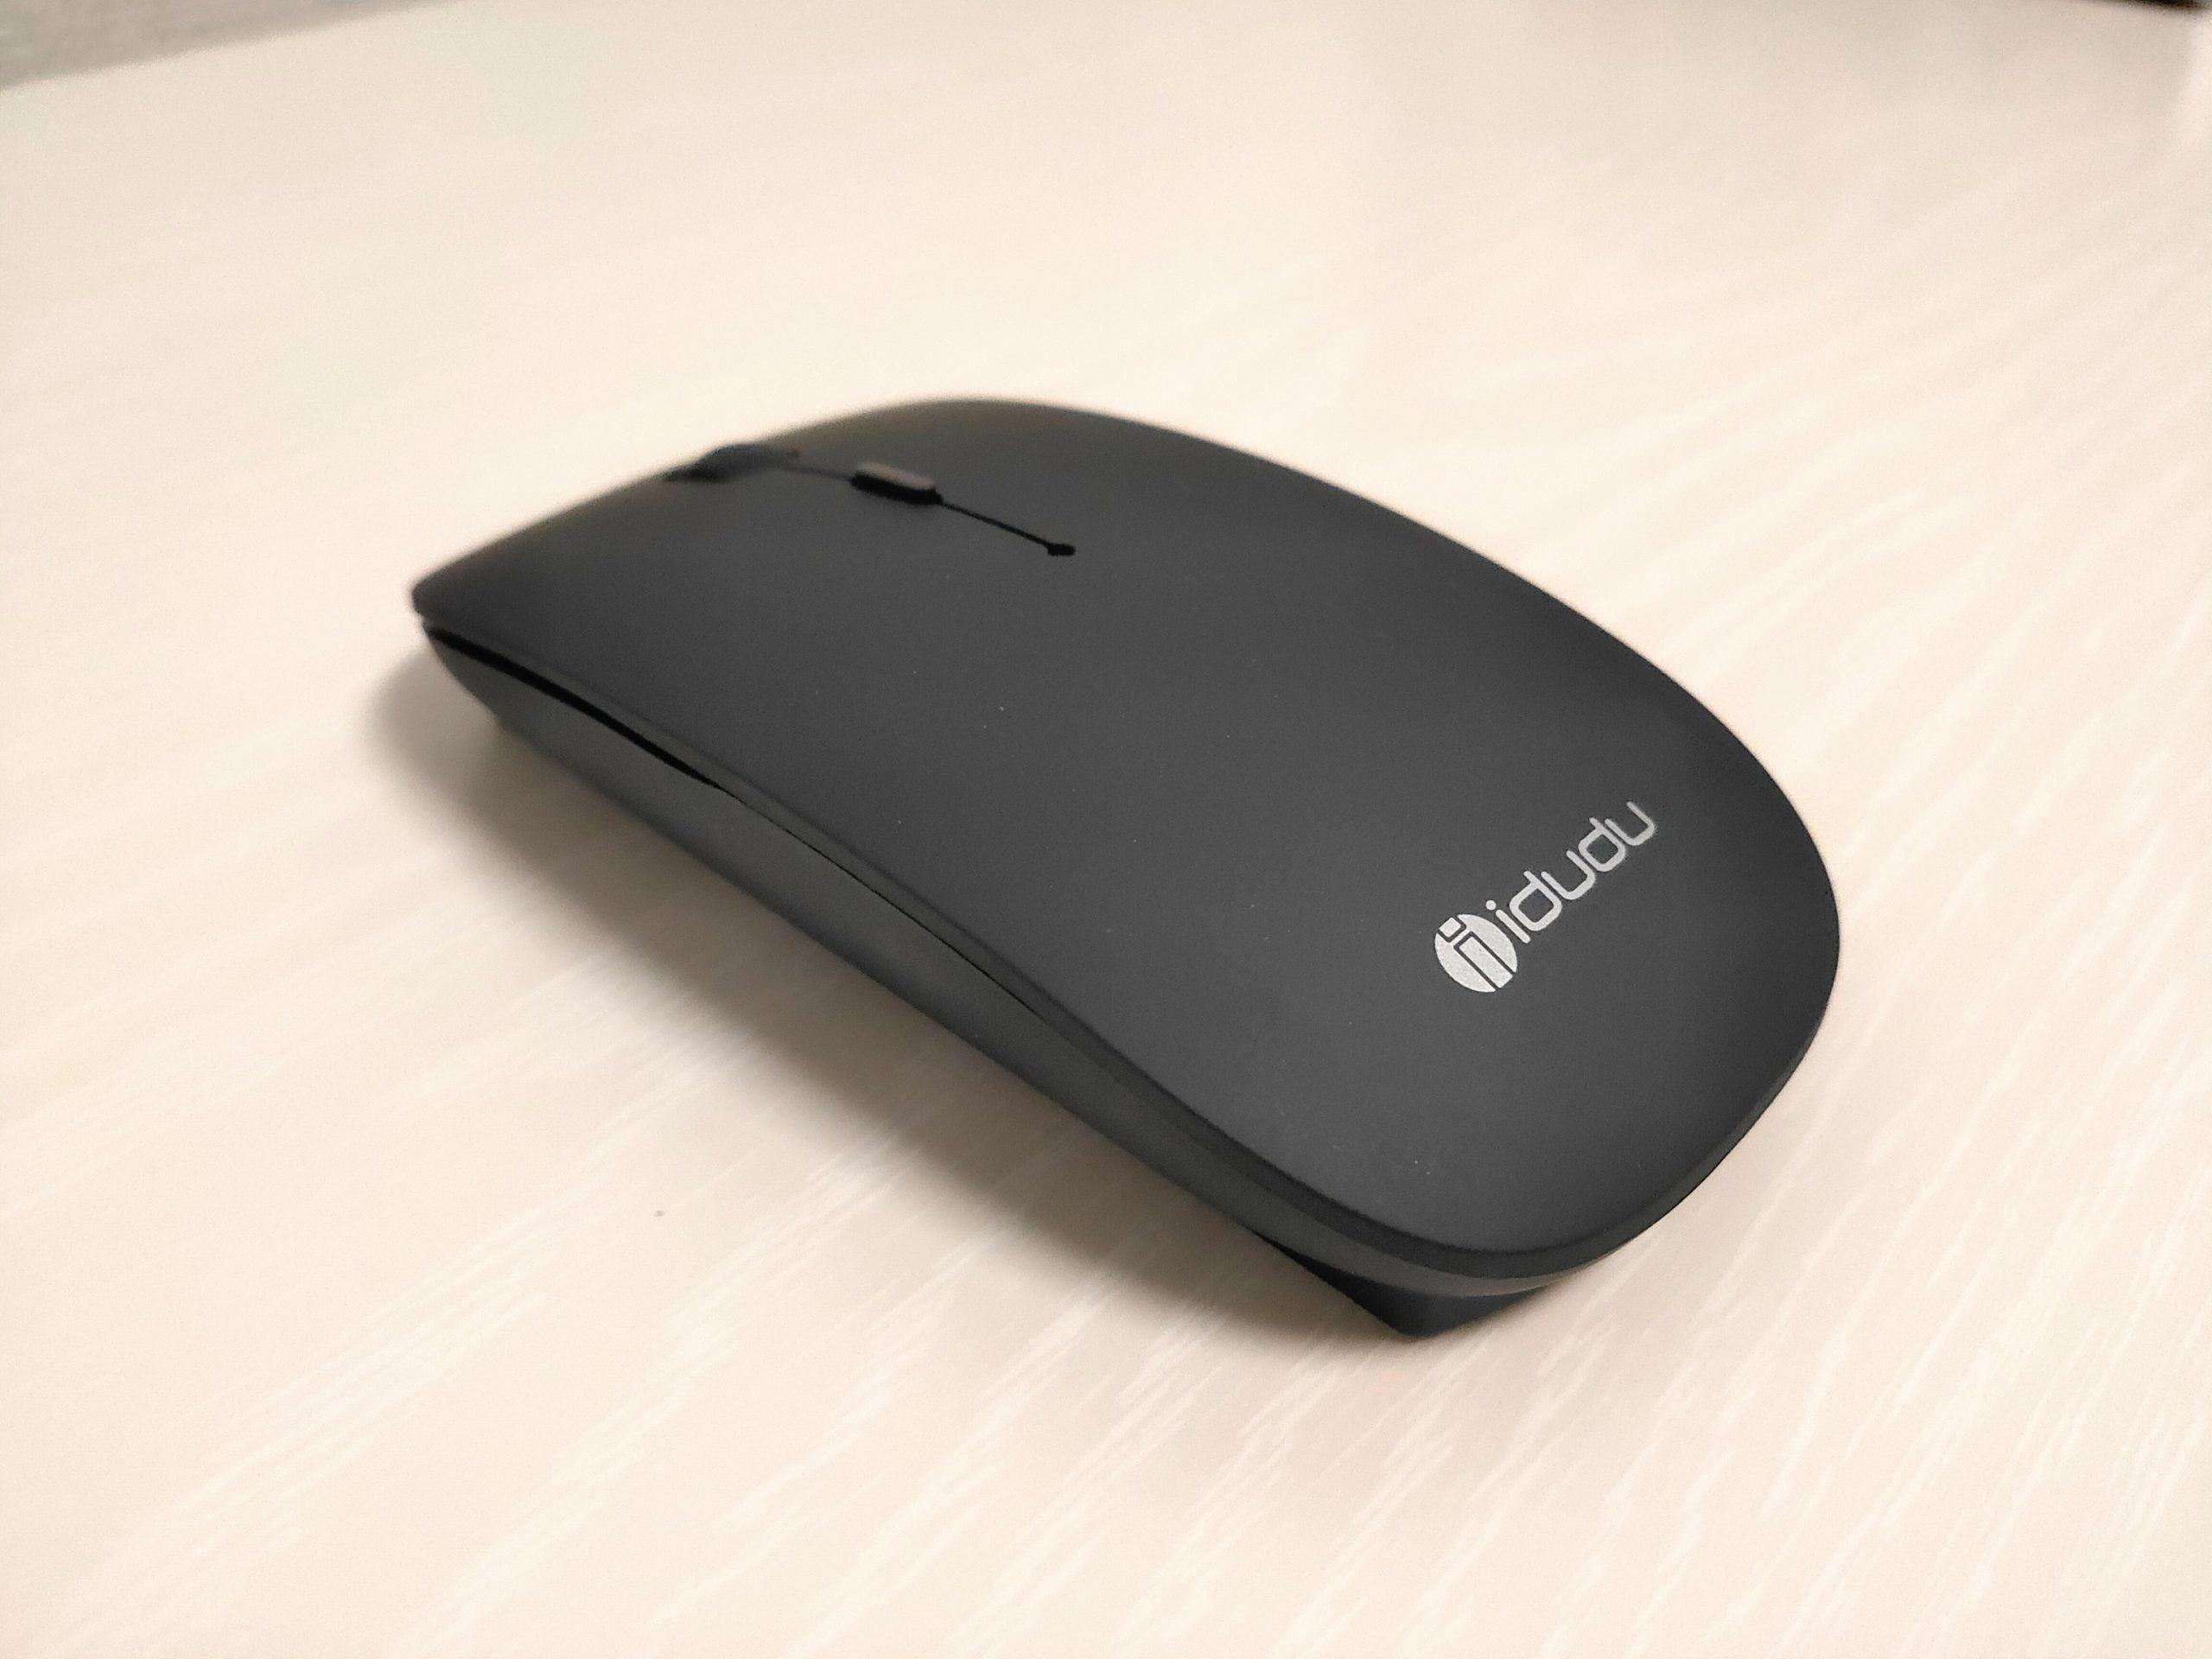 【idudu ワイヤレスマウス レビュー】充電式ワイヤレスマウス+USB-Cアダプタも付属!